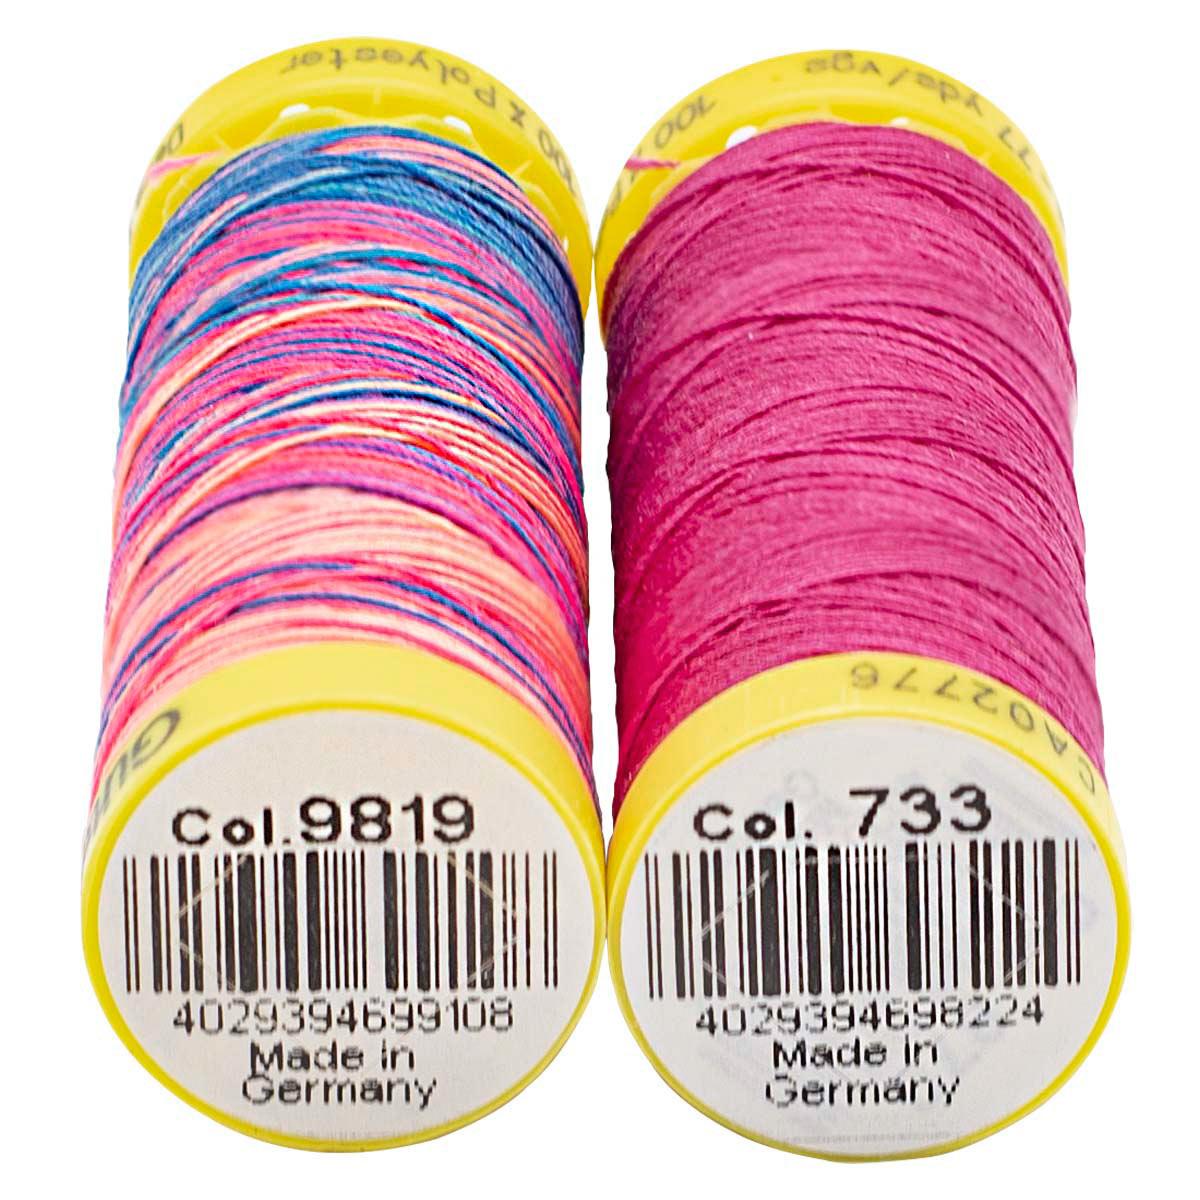 Набор шв. нитей (702160 Deco Stitch 70, однотон 70м, 702161 Deco Stitch 70 мультиколор 70м) Гутерман, 733 розовая фуксия, 9819 мультиколор